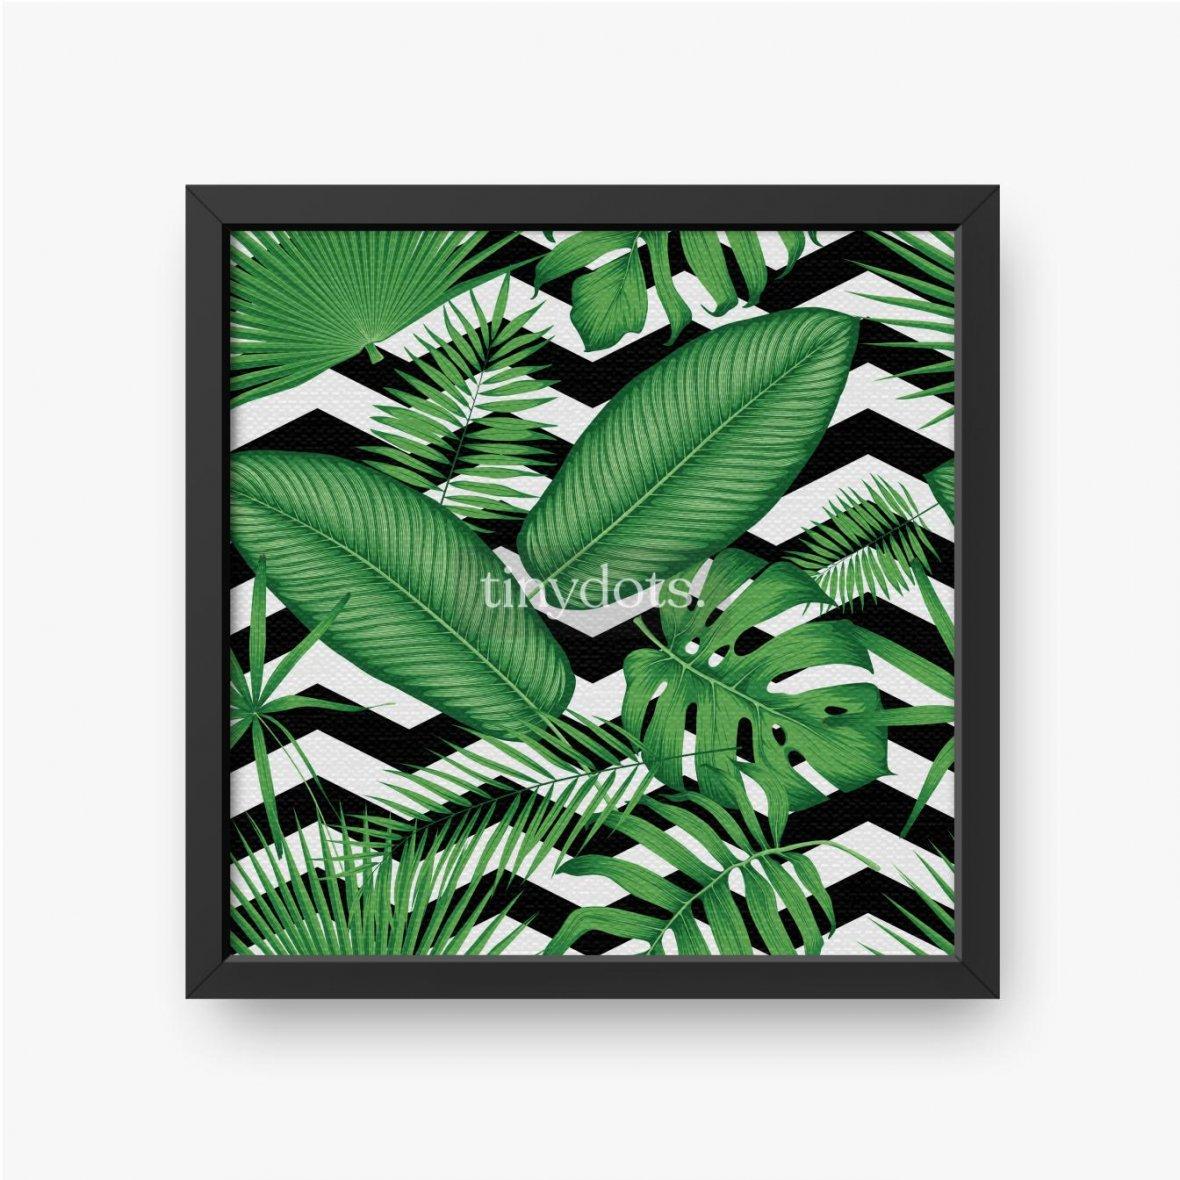 Gerahmte Leinwandbilder Schönes Blumenmuster, tropische Dschungelblätter auf einem geometrischen Hintergrund